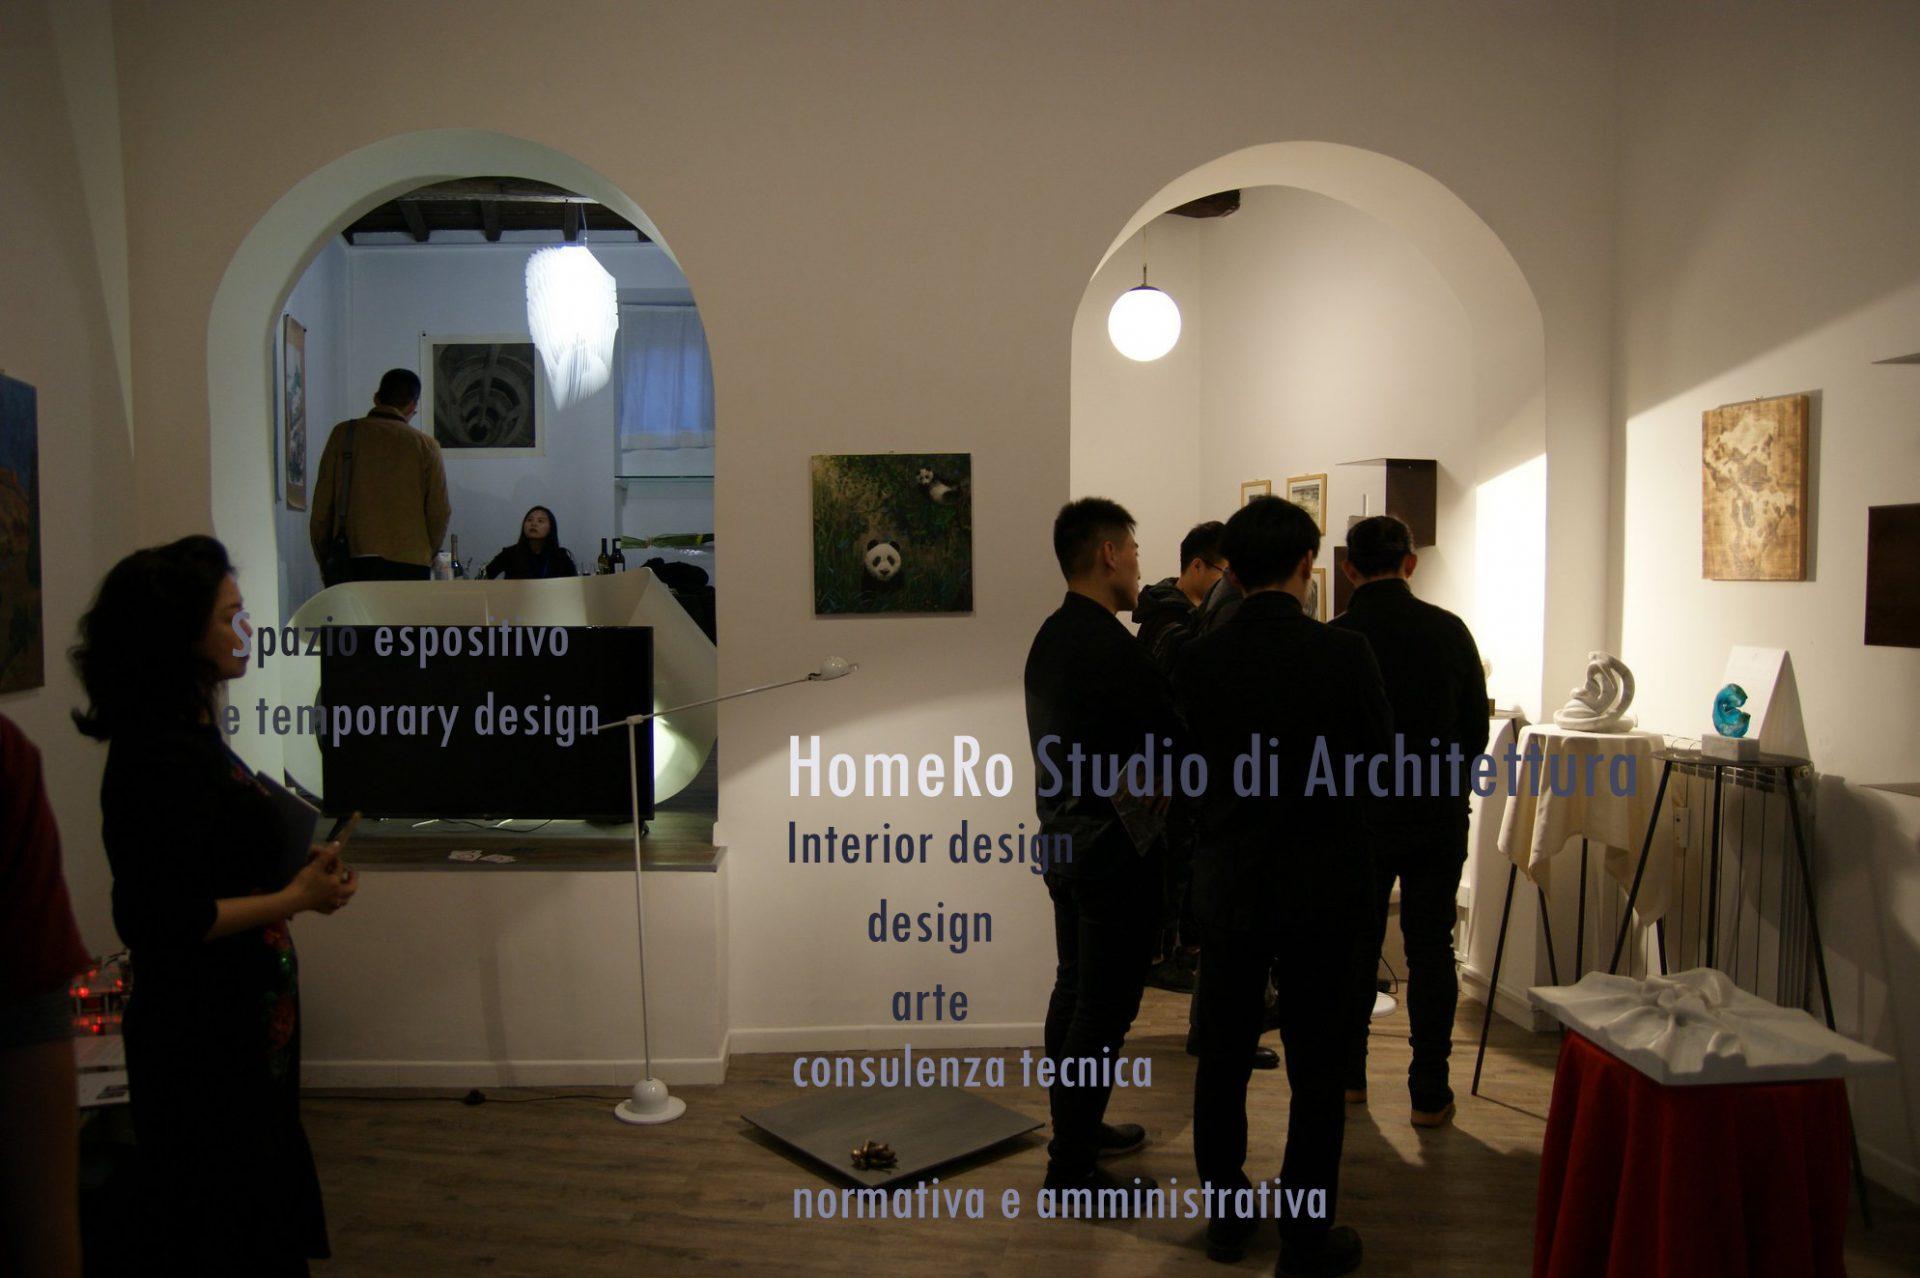 Nella foto si vede lo studio in una delle esposizioni legate all'arte e al design.